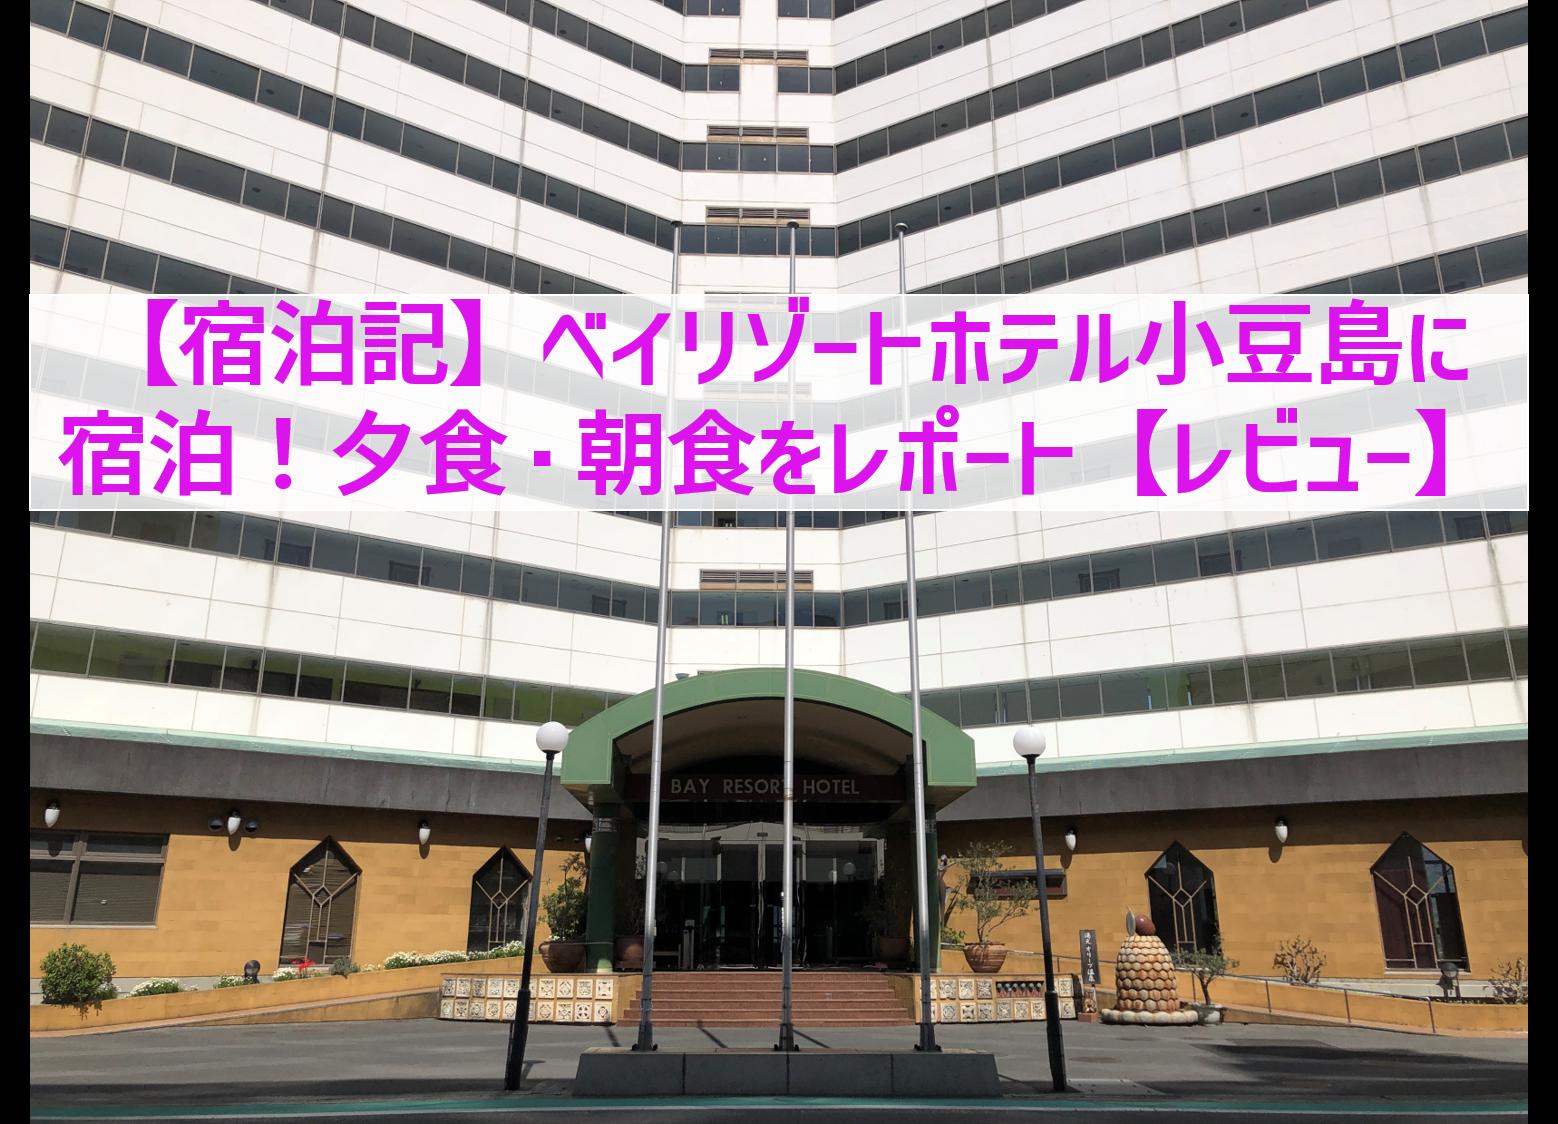 【宿泊記】ベイリゾートホテル小豆島に宿泊!夕食・朝食をレポート【レビュー】